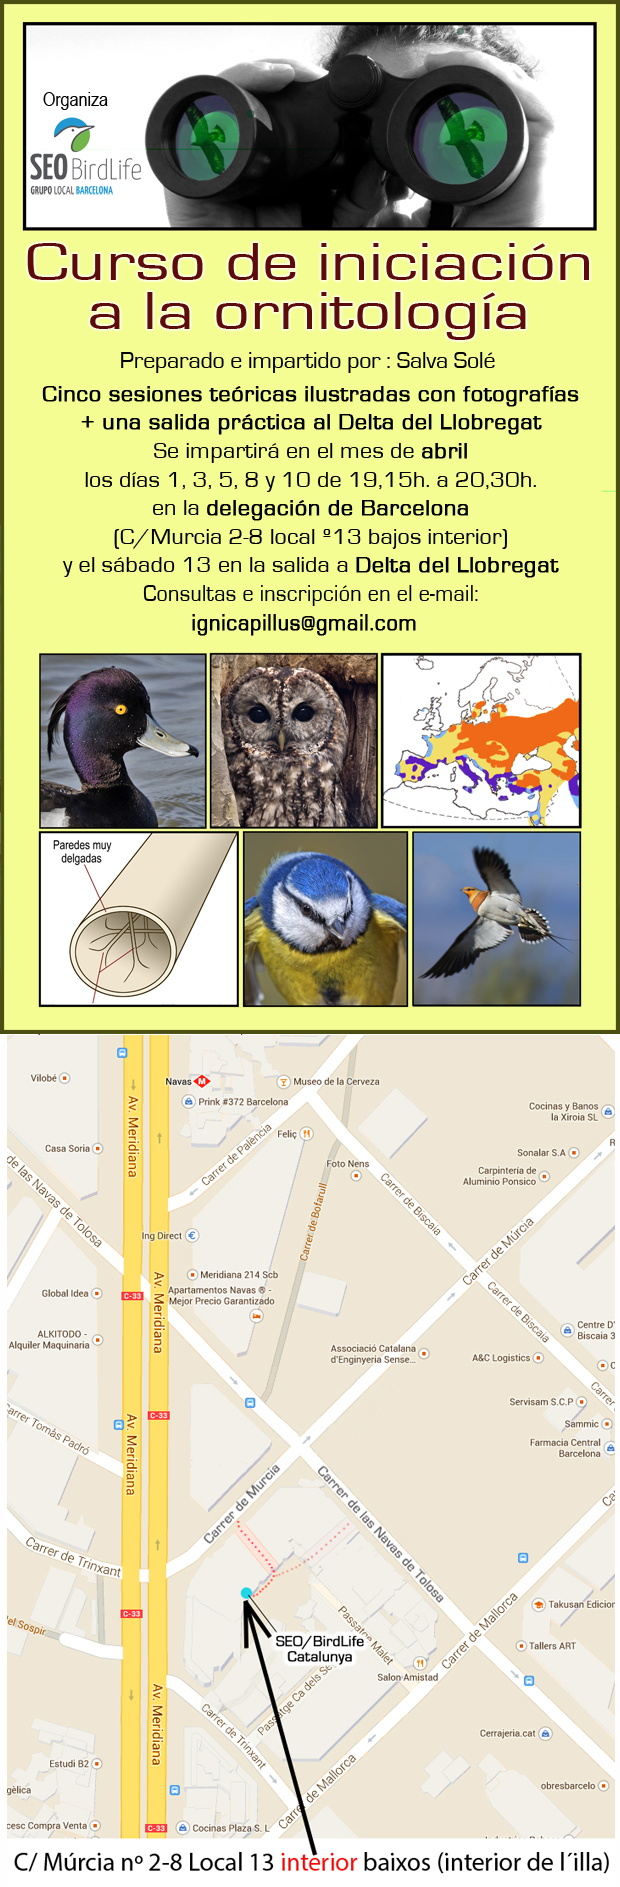 Curso de iniciación a la ornitología - abril 2019